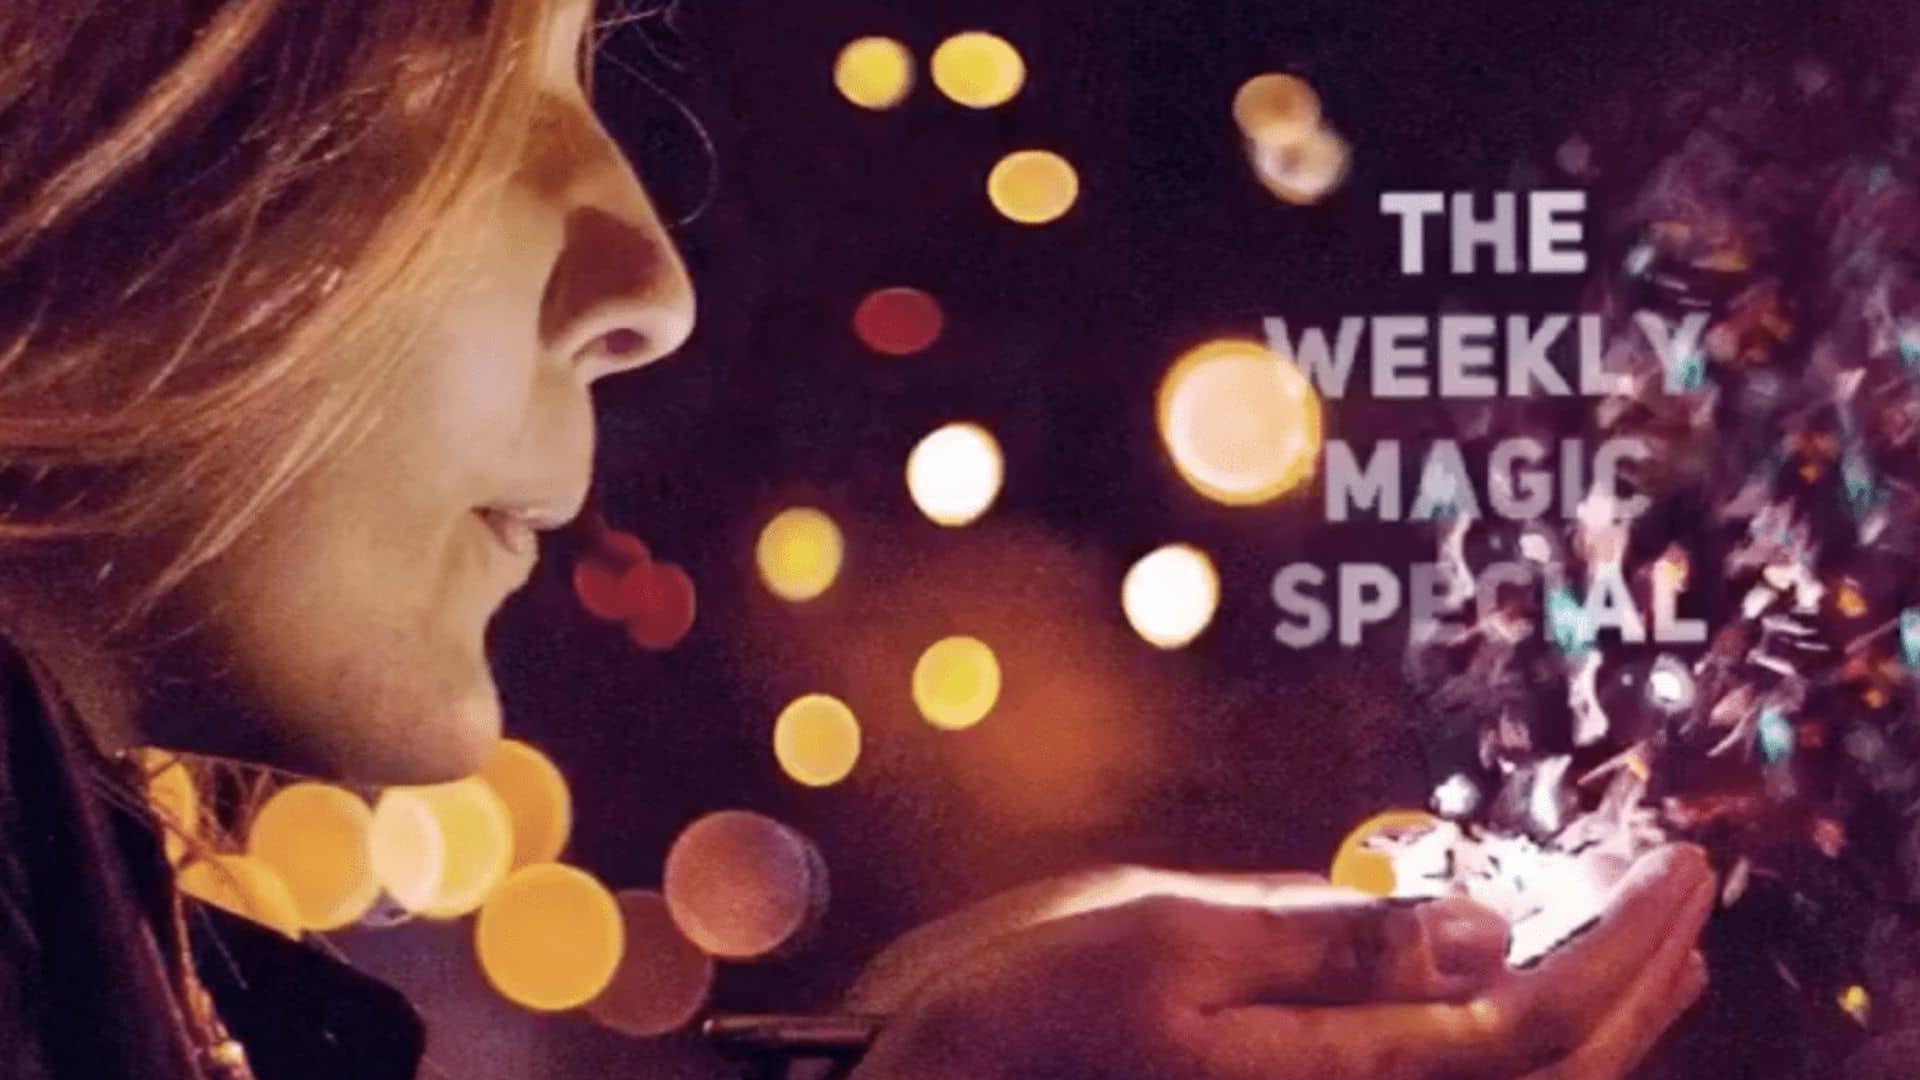 Weeklymagicspecial